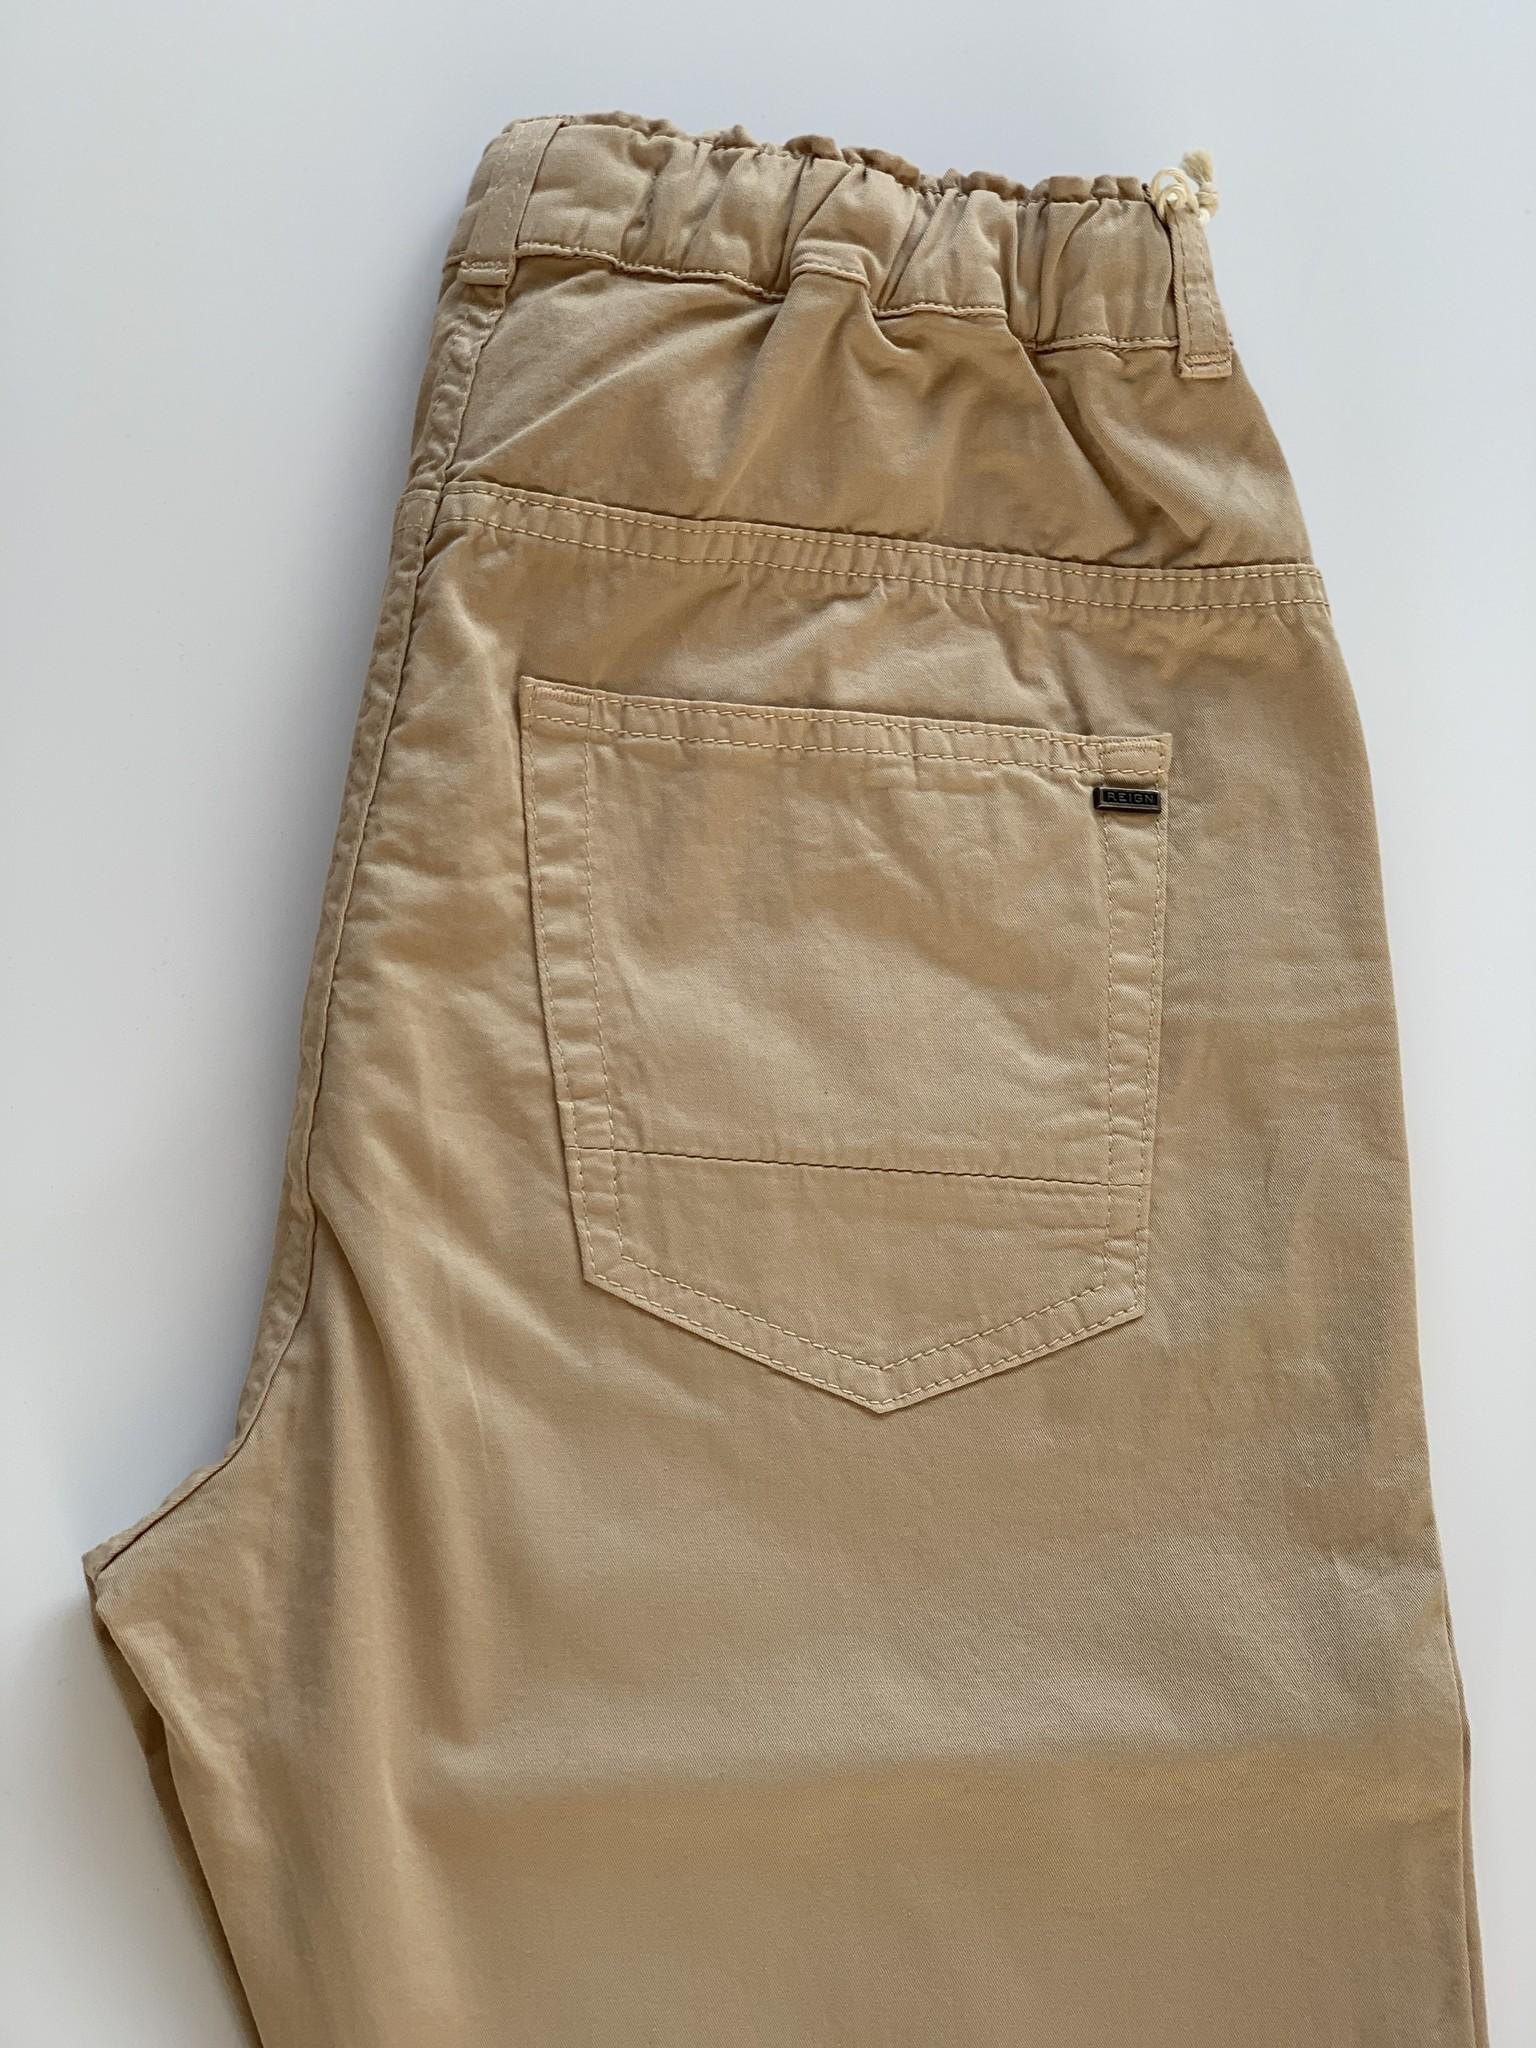 Jaxon Pit 5 Pocket-3